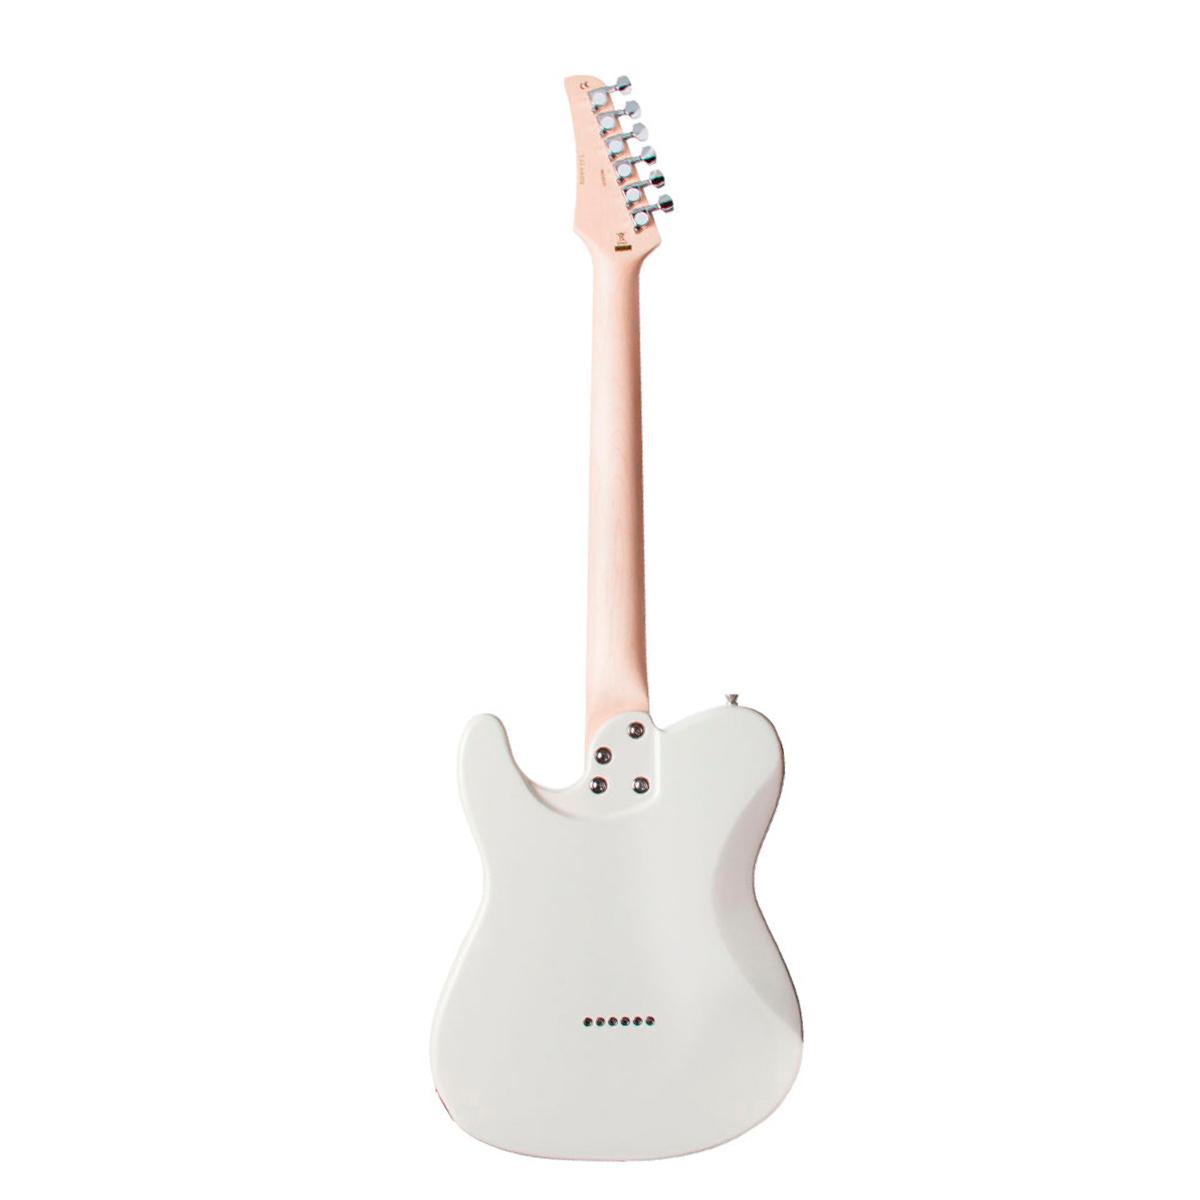 Guitarra Television MP Ivory Seizi c/ Escudo Branco Perolado - Seizi